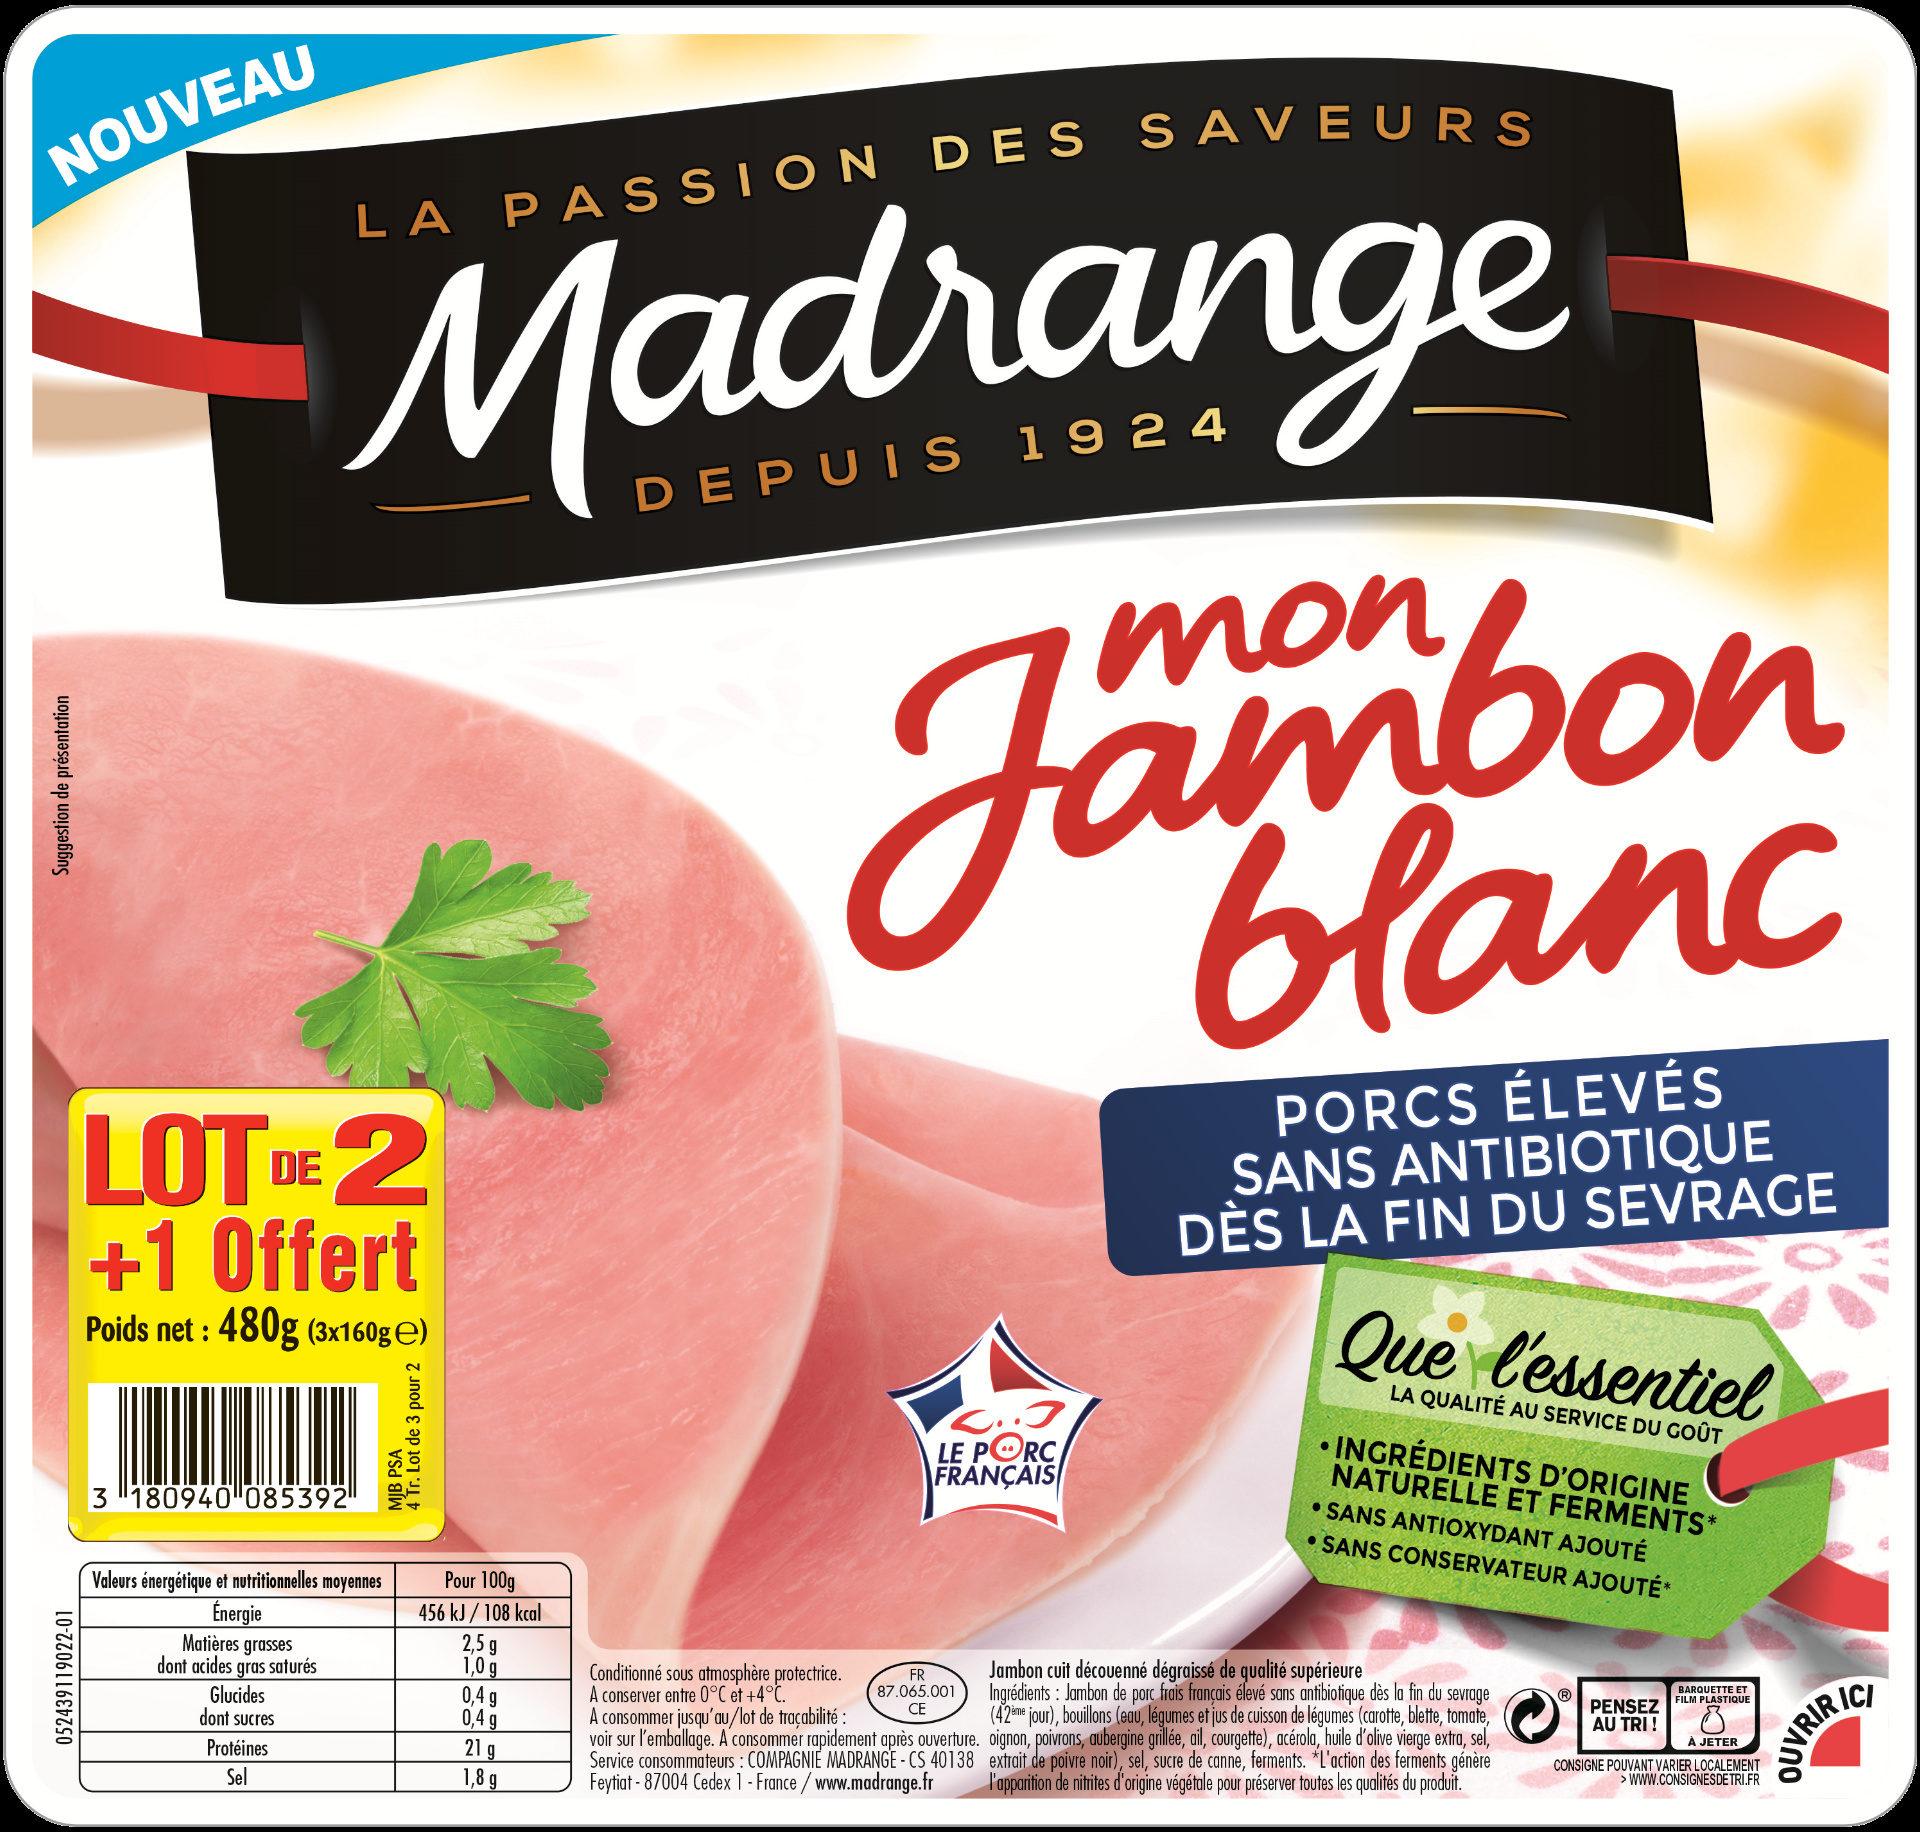 Jambon blanc porcs élevés sans antibiotique dès la fin du sevrage - lot 2+1 offert - Product - fr